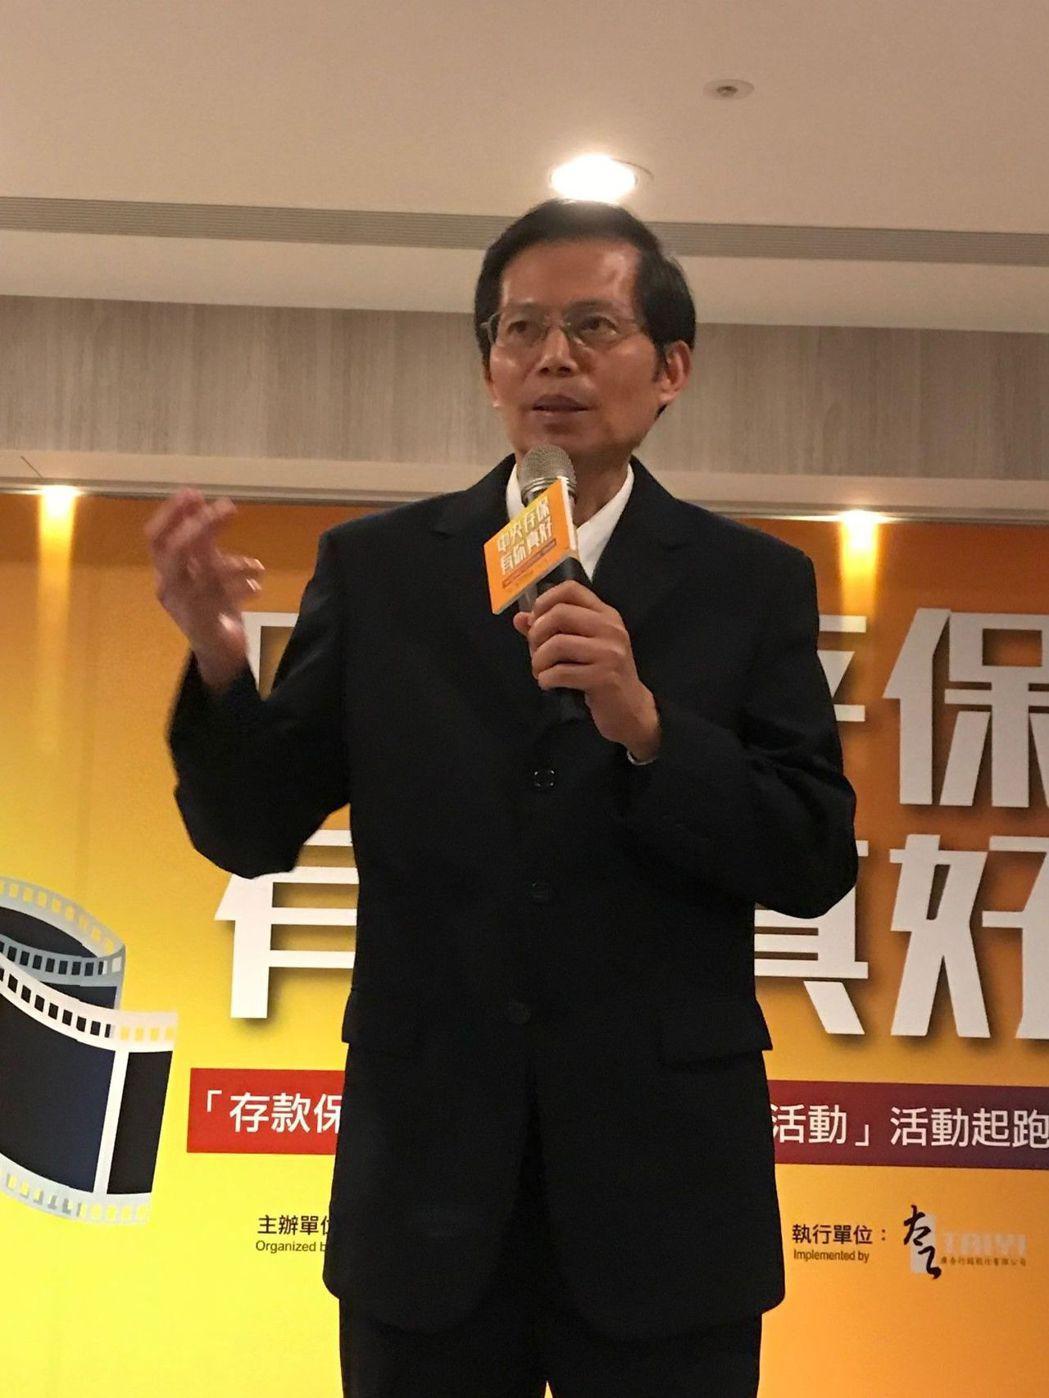 中央存保公司副總經蘇財源表示,台灣存款保險保額300萬、覆蓋率達98.4%,均名...